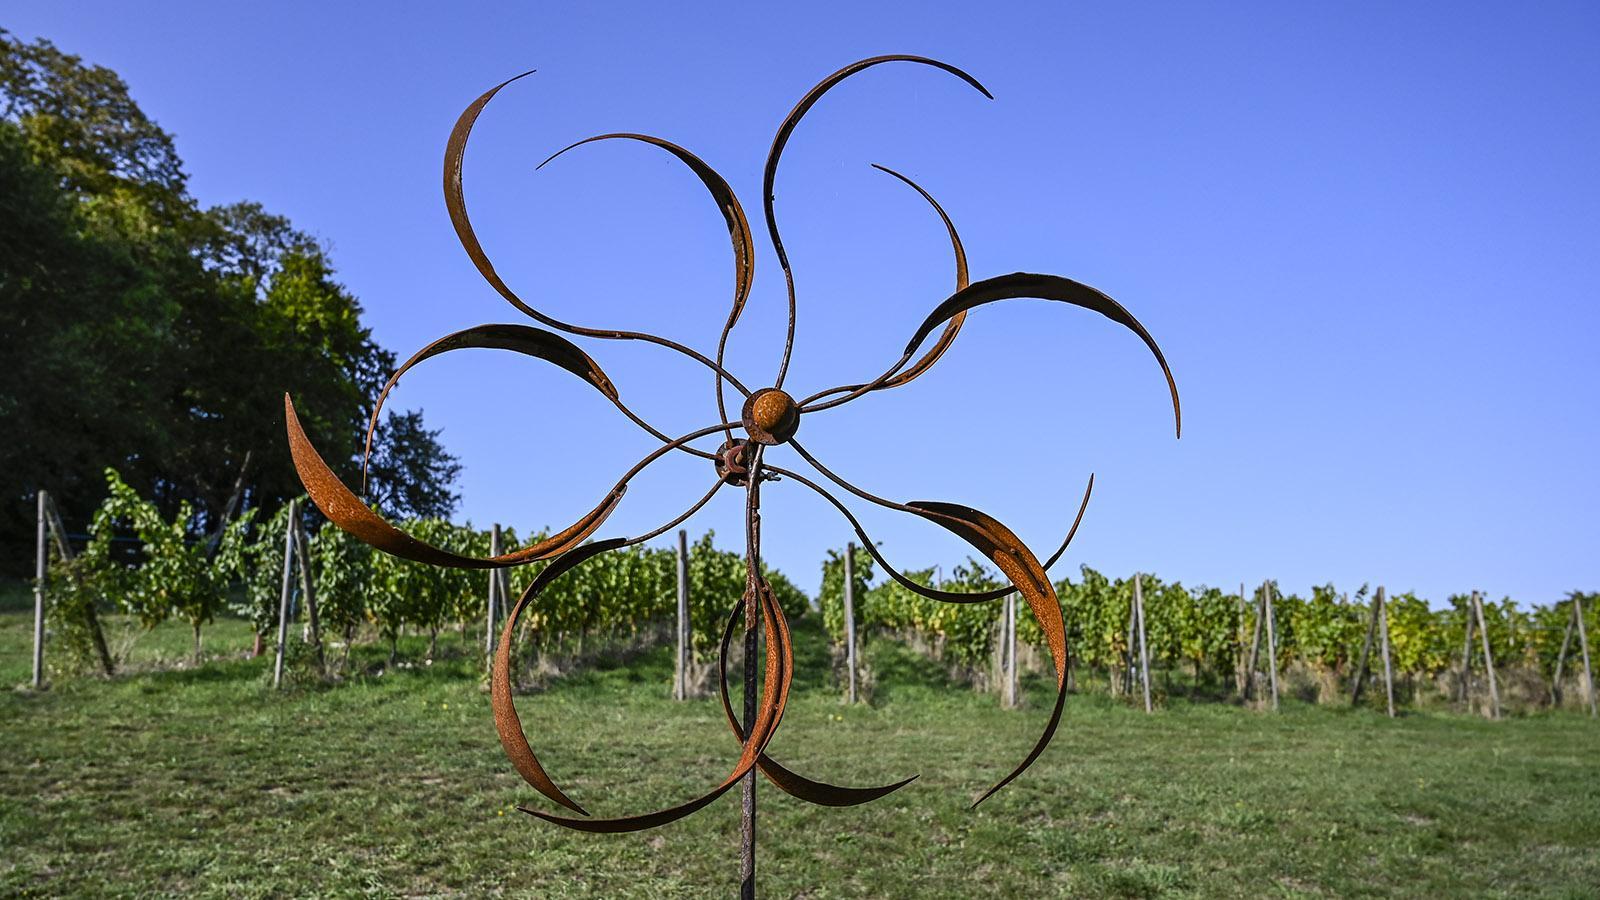 Ein Sonnenrad, vom Wind angetrieben: das Markenzeichen des Weingutes. Foto: Hilke Maunder